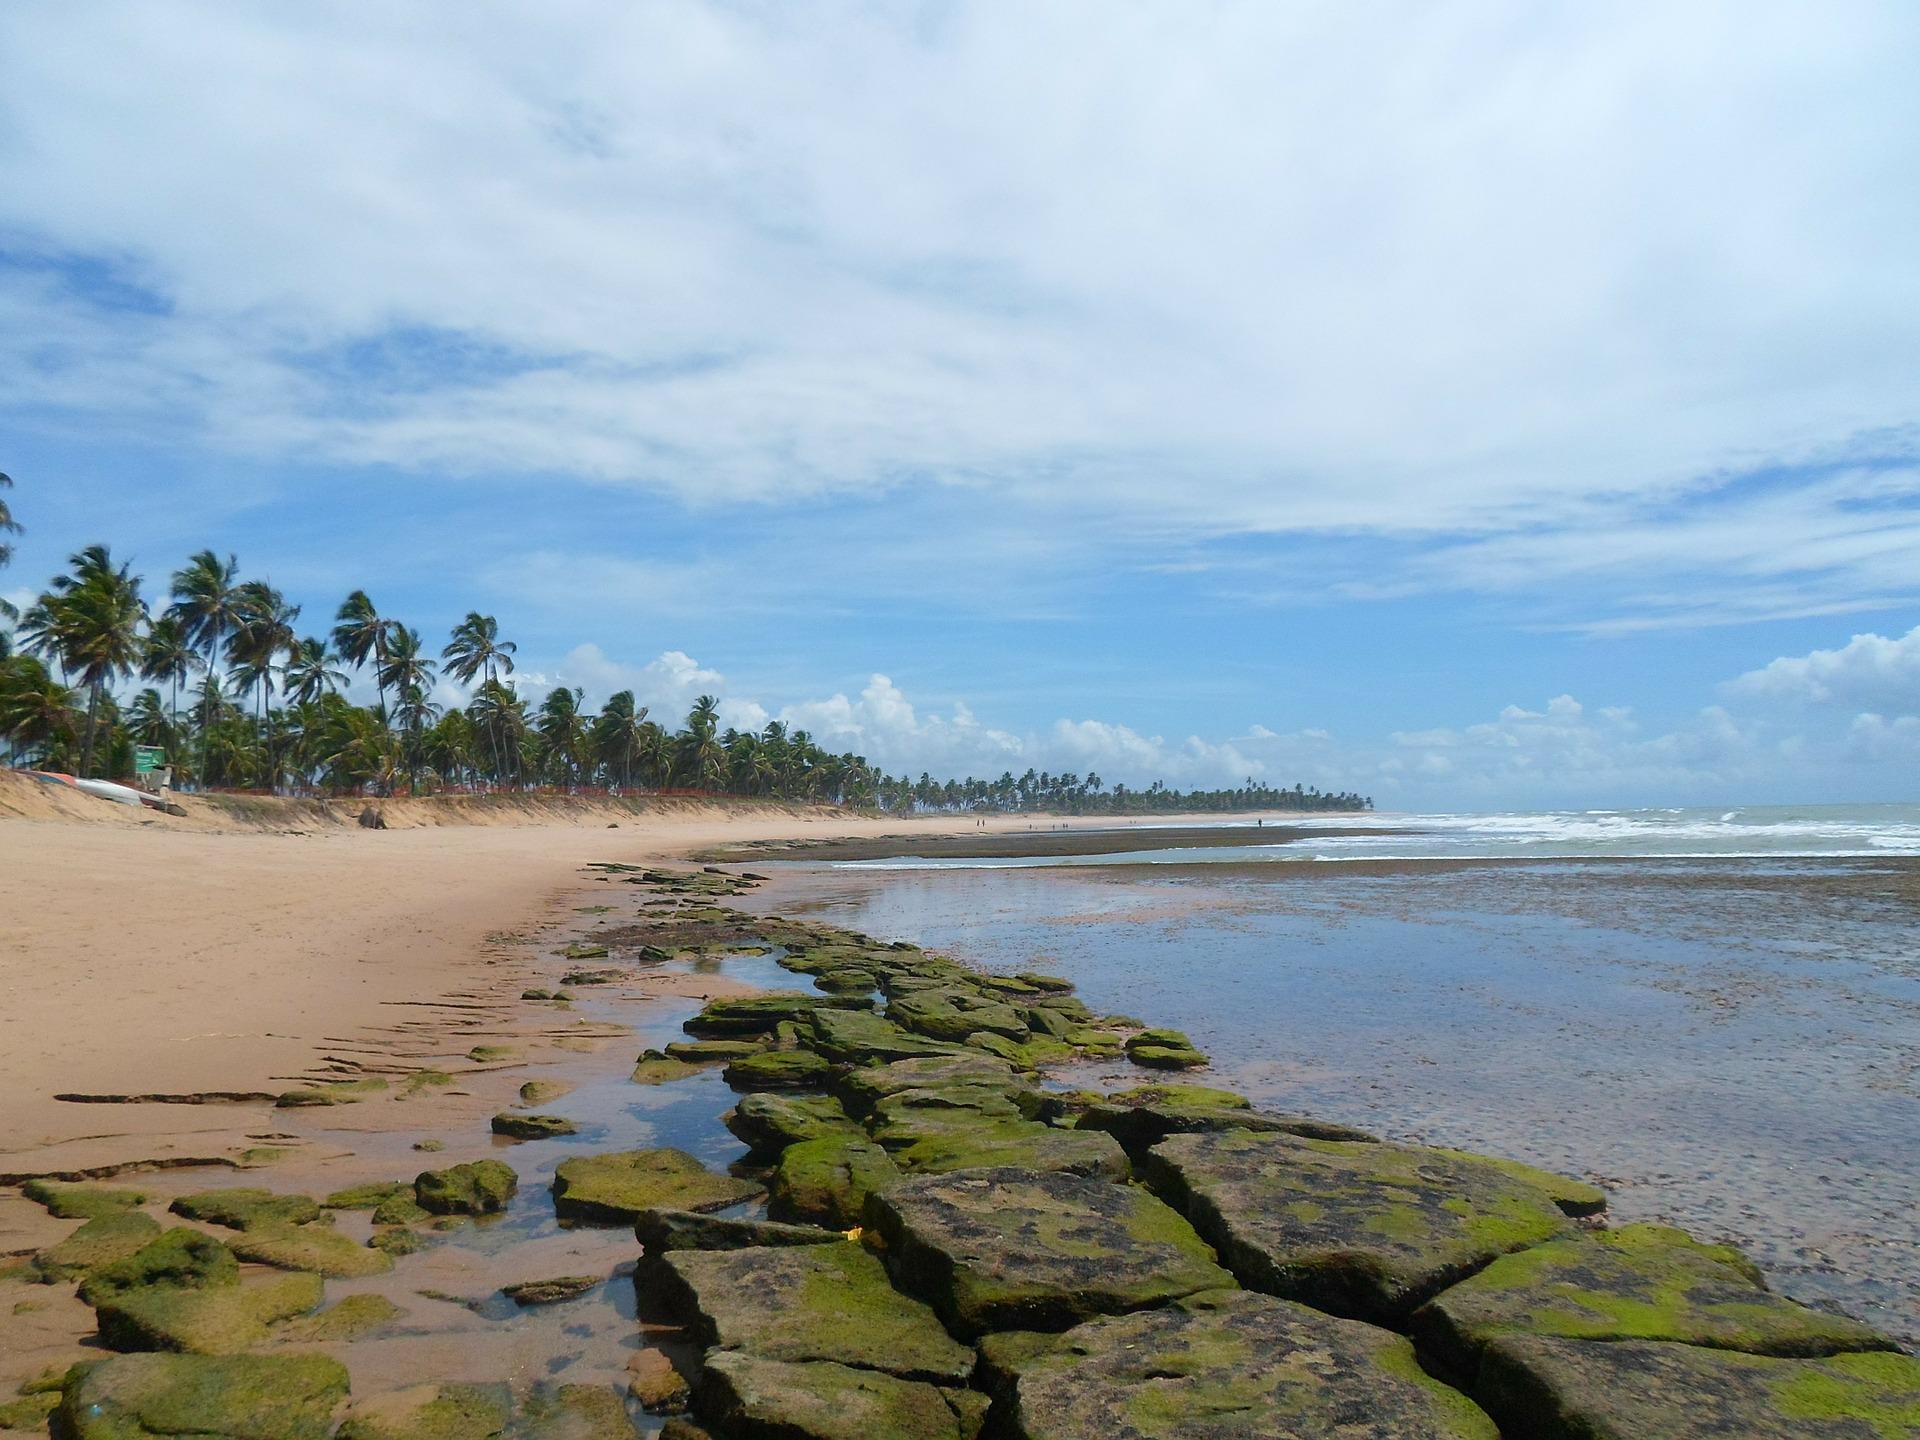 up-consorcios-praia-do-forte